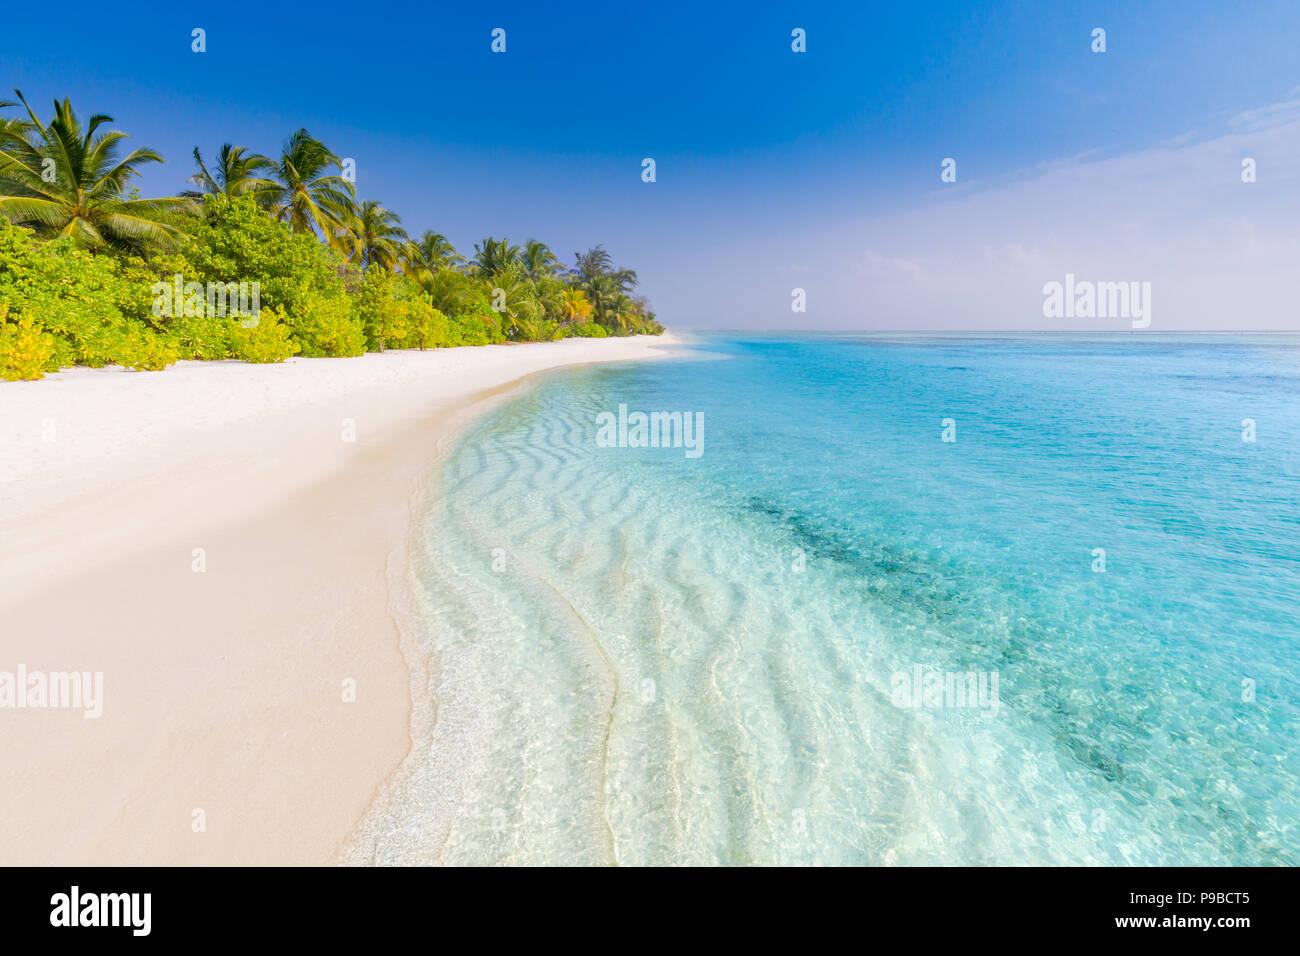 Schöner Strand mit Palmen und Moody Himmel. Sommer Urlaub reisen urlaub Hintergrund Konzept. Malediven Paradise Beach. Luxus Sommer Reisen Stockbild